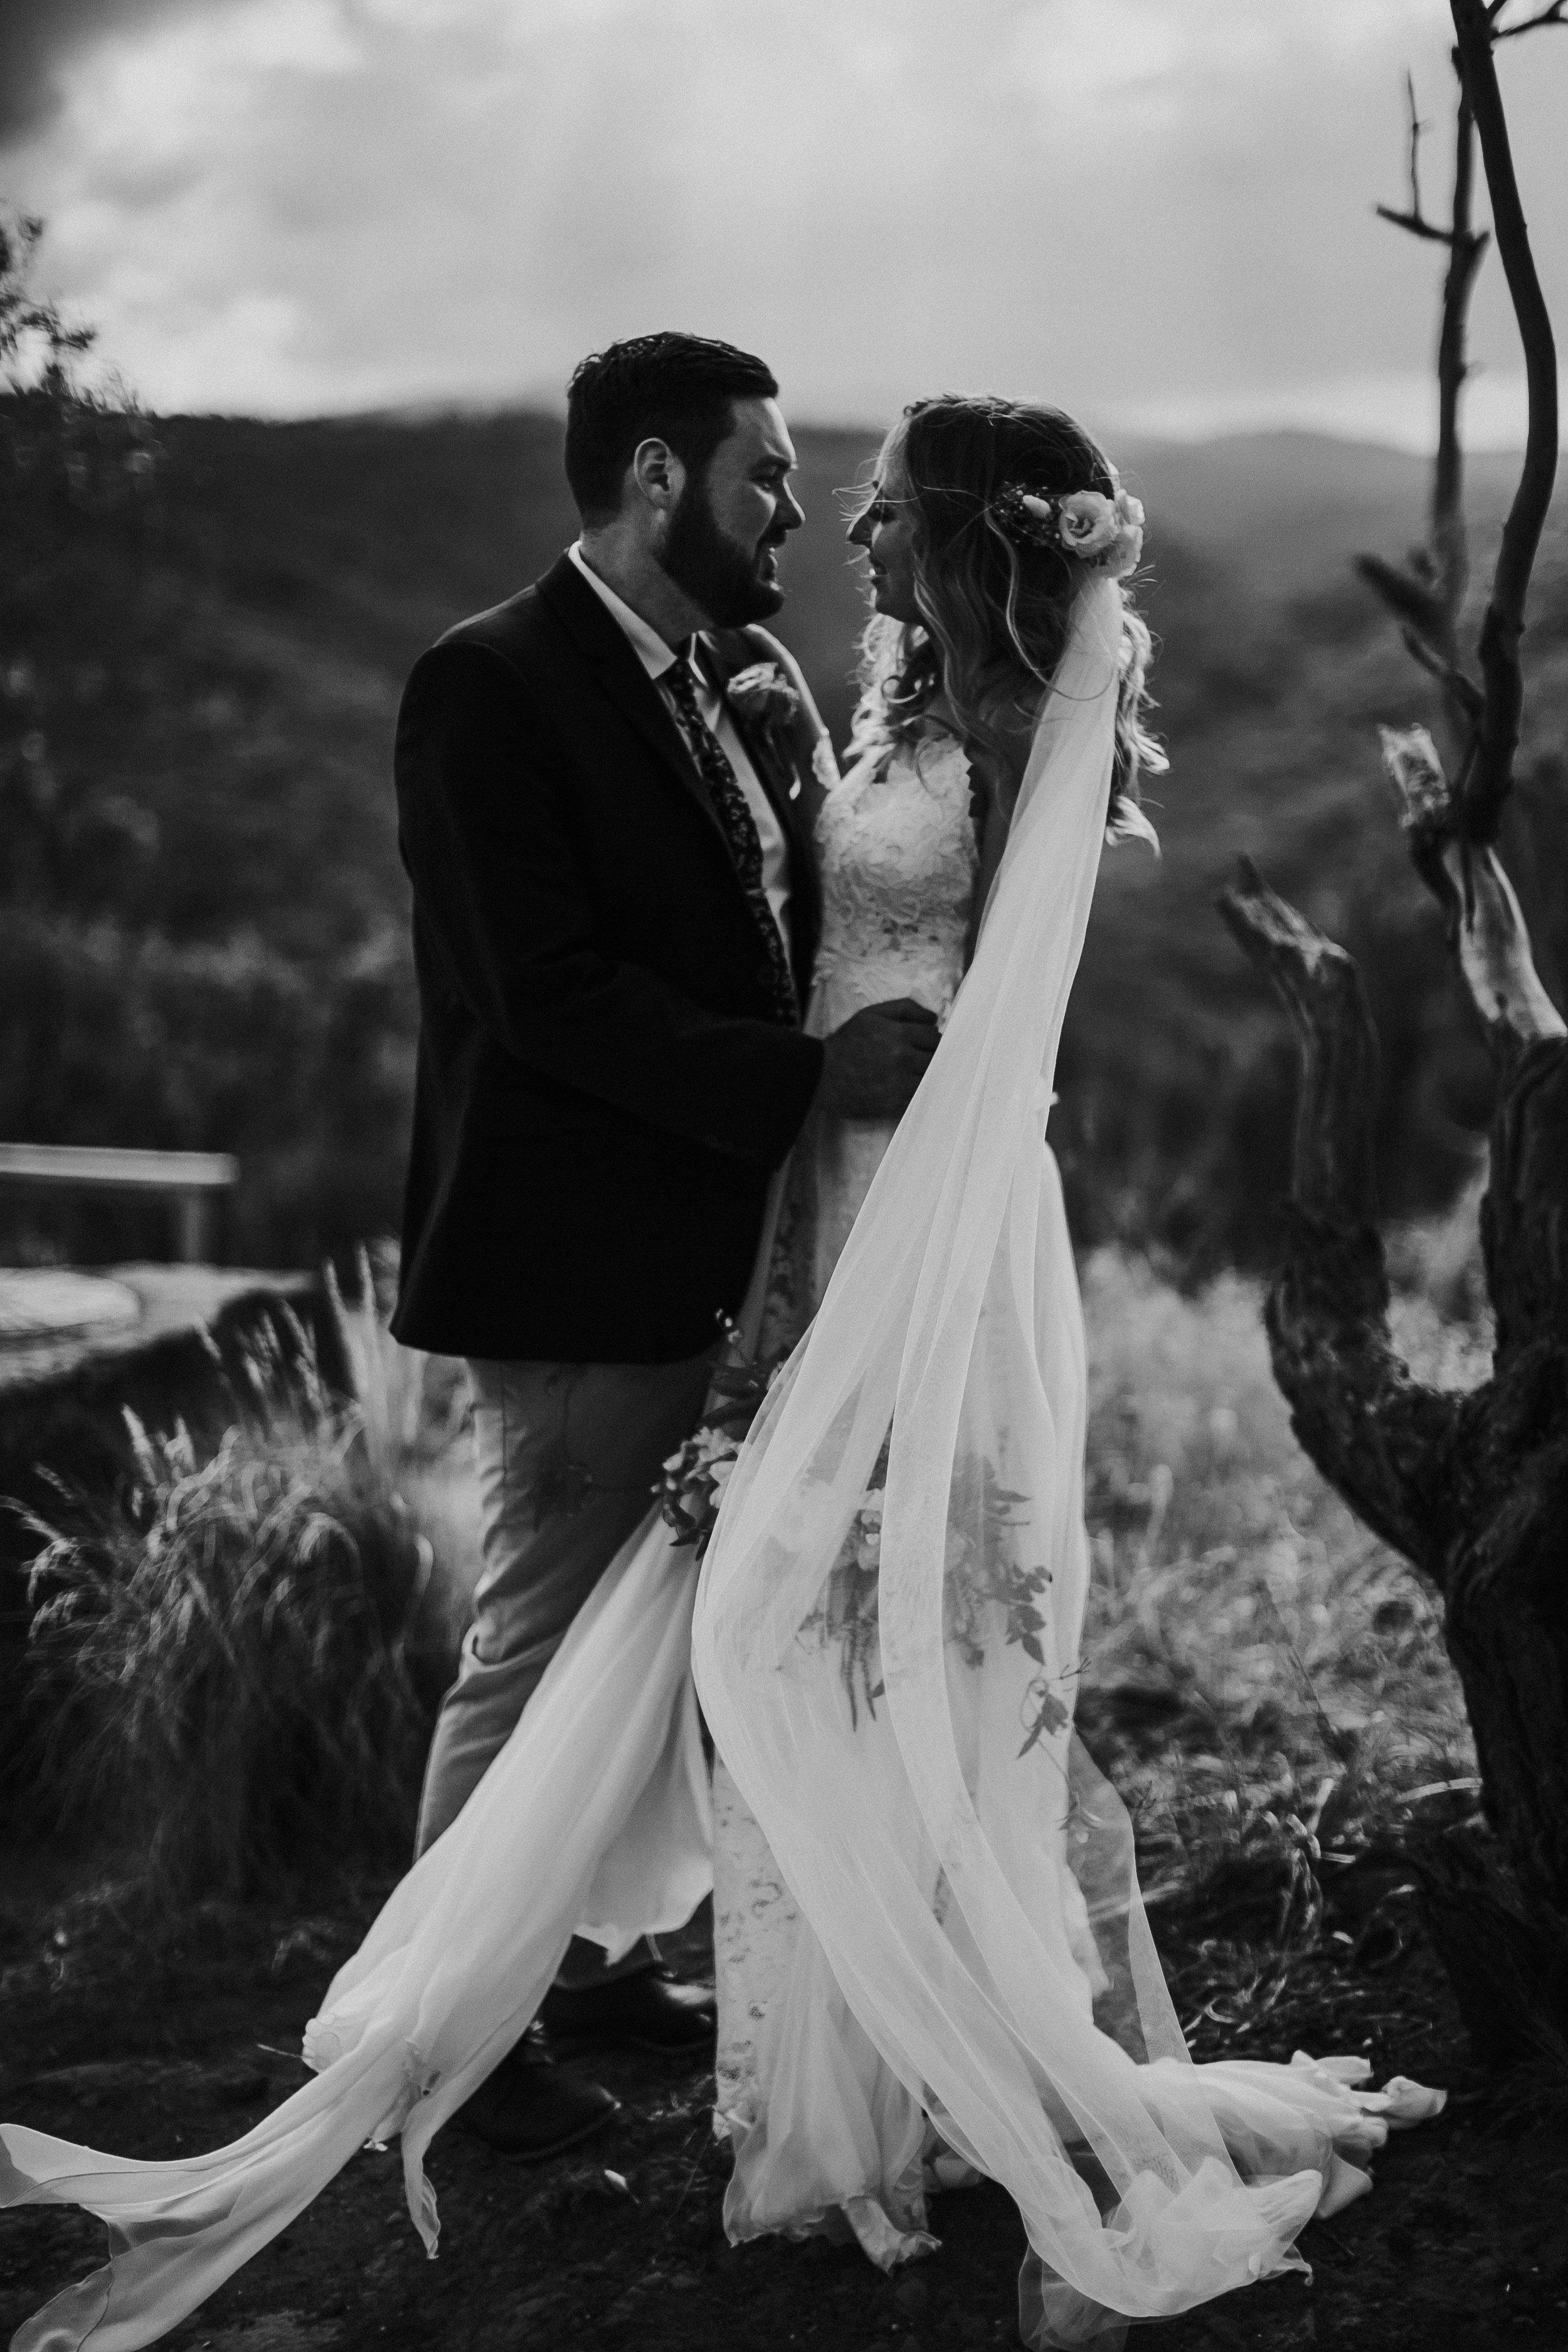 weddings - ____________Love Stories